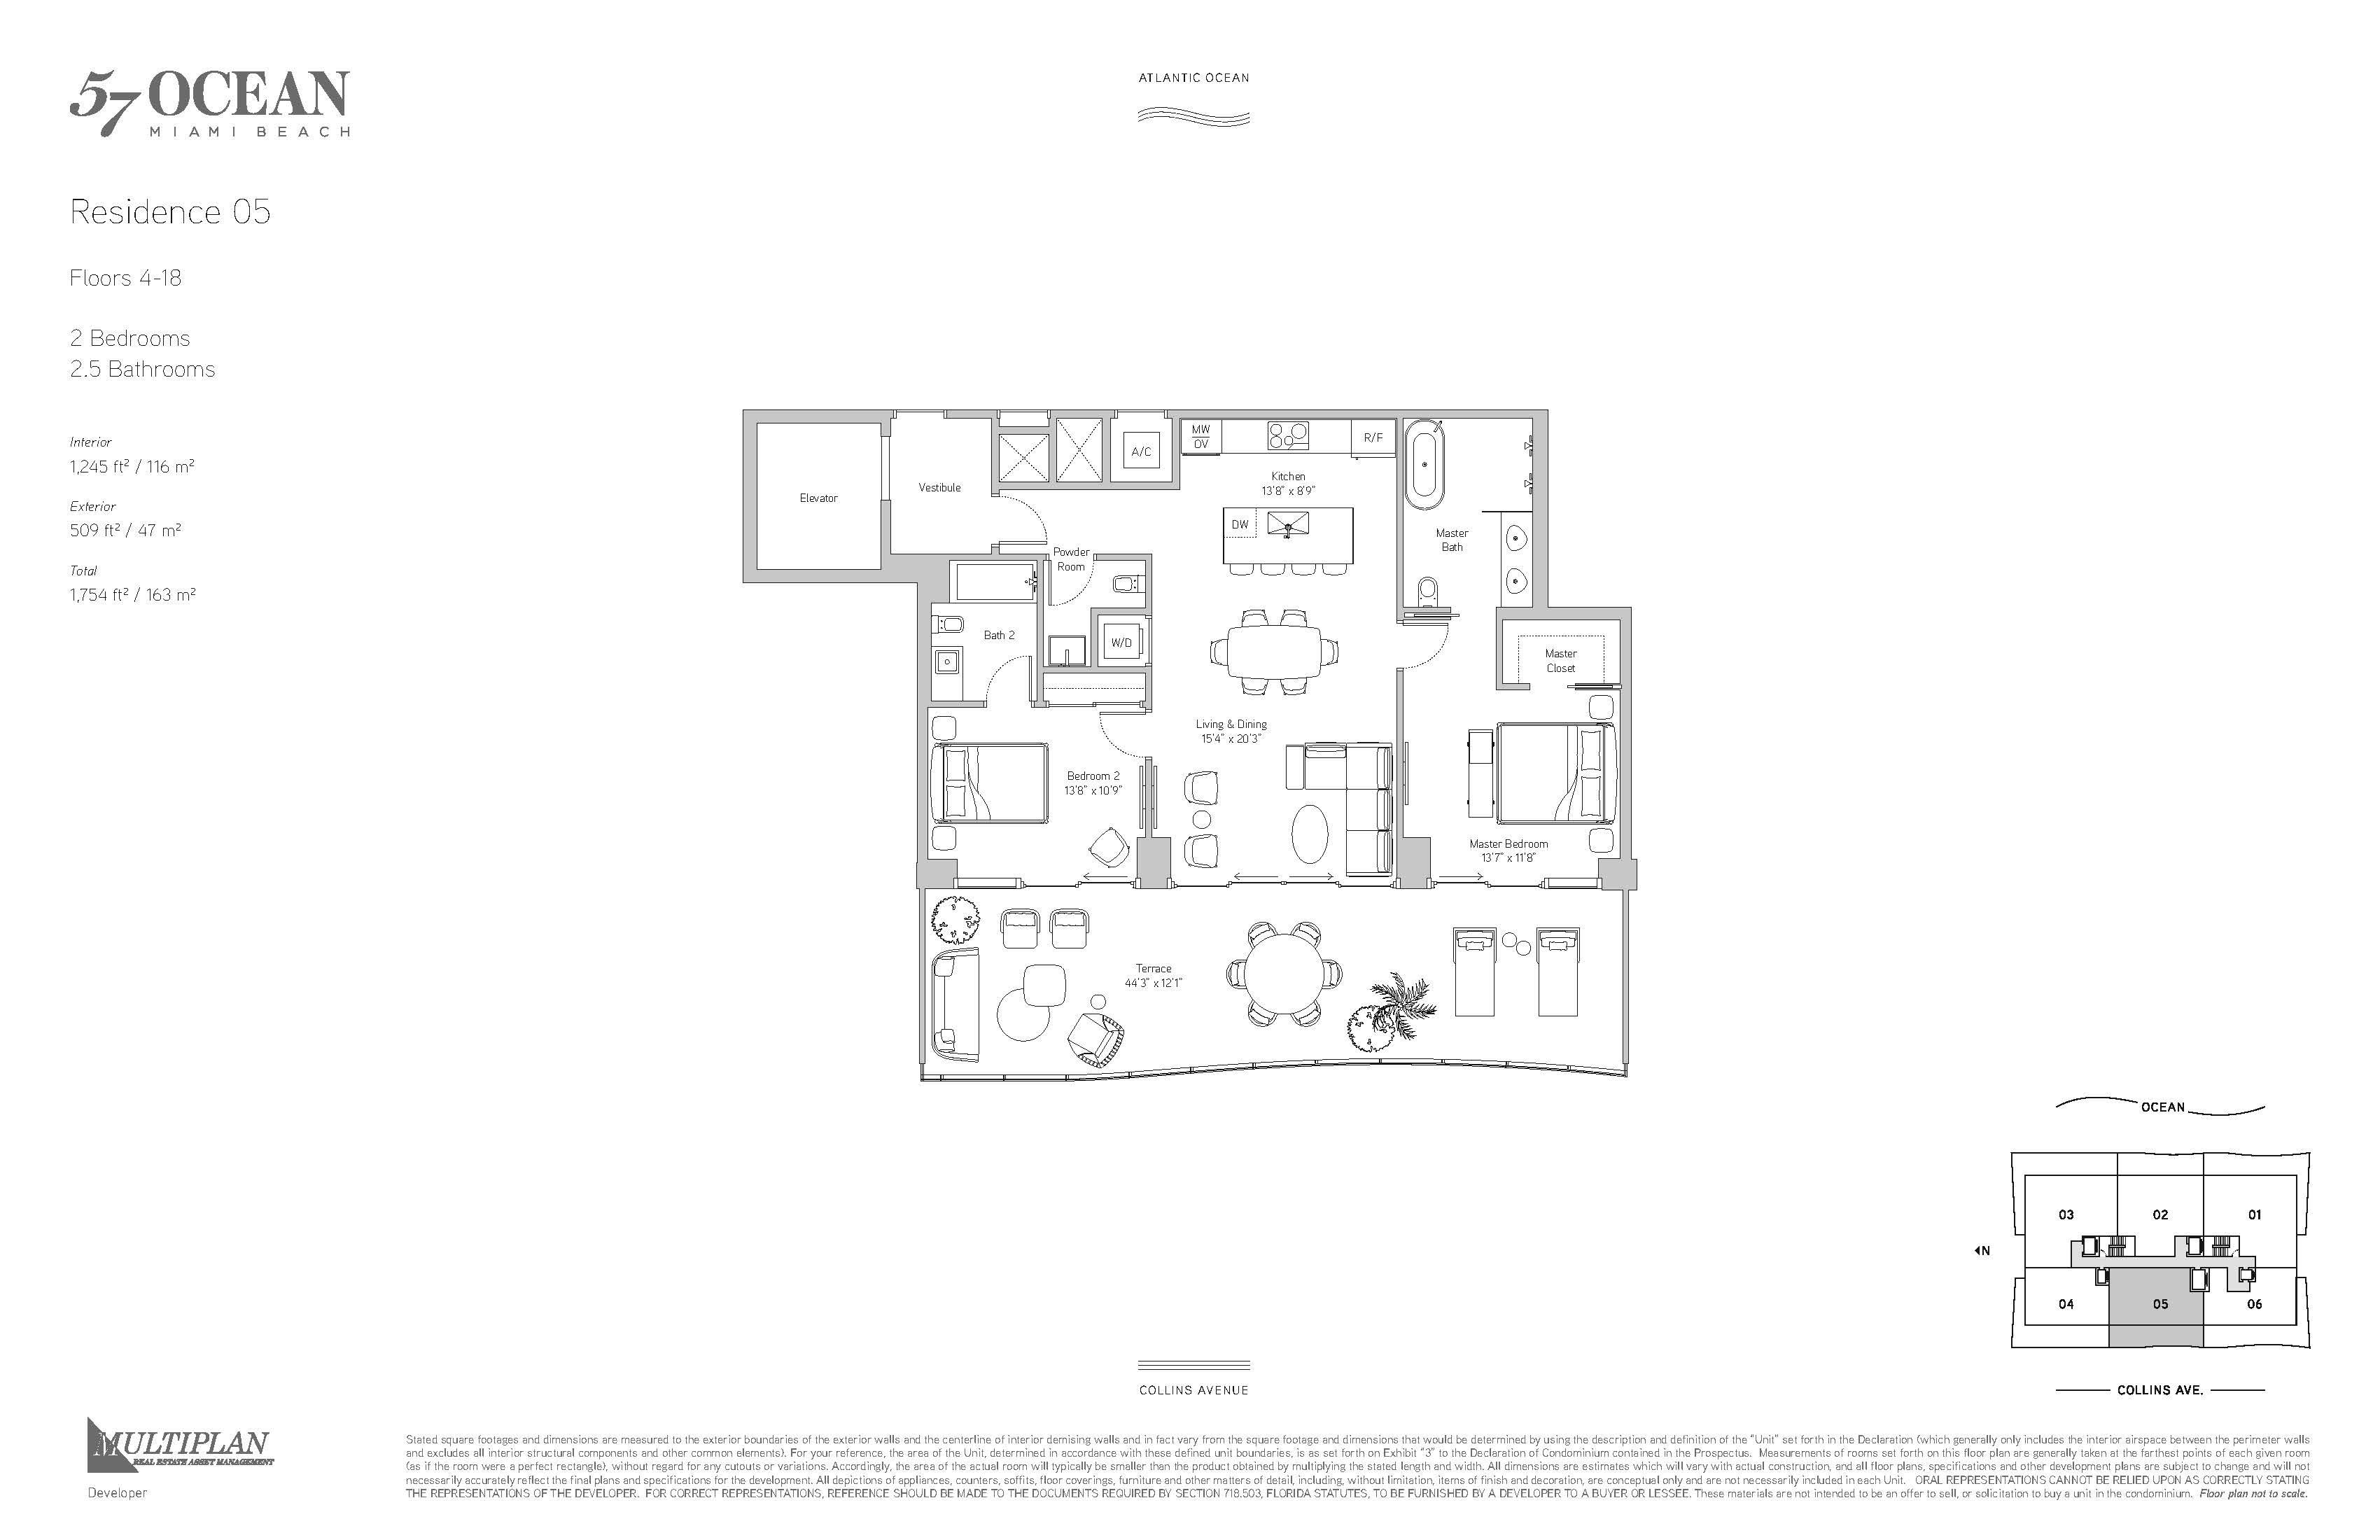 57 Ocean Condo - 2 Bedroom - 05-Line